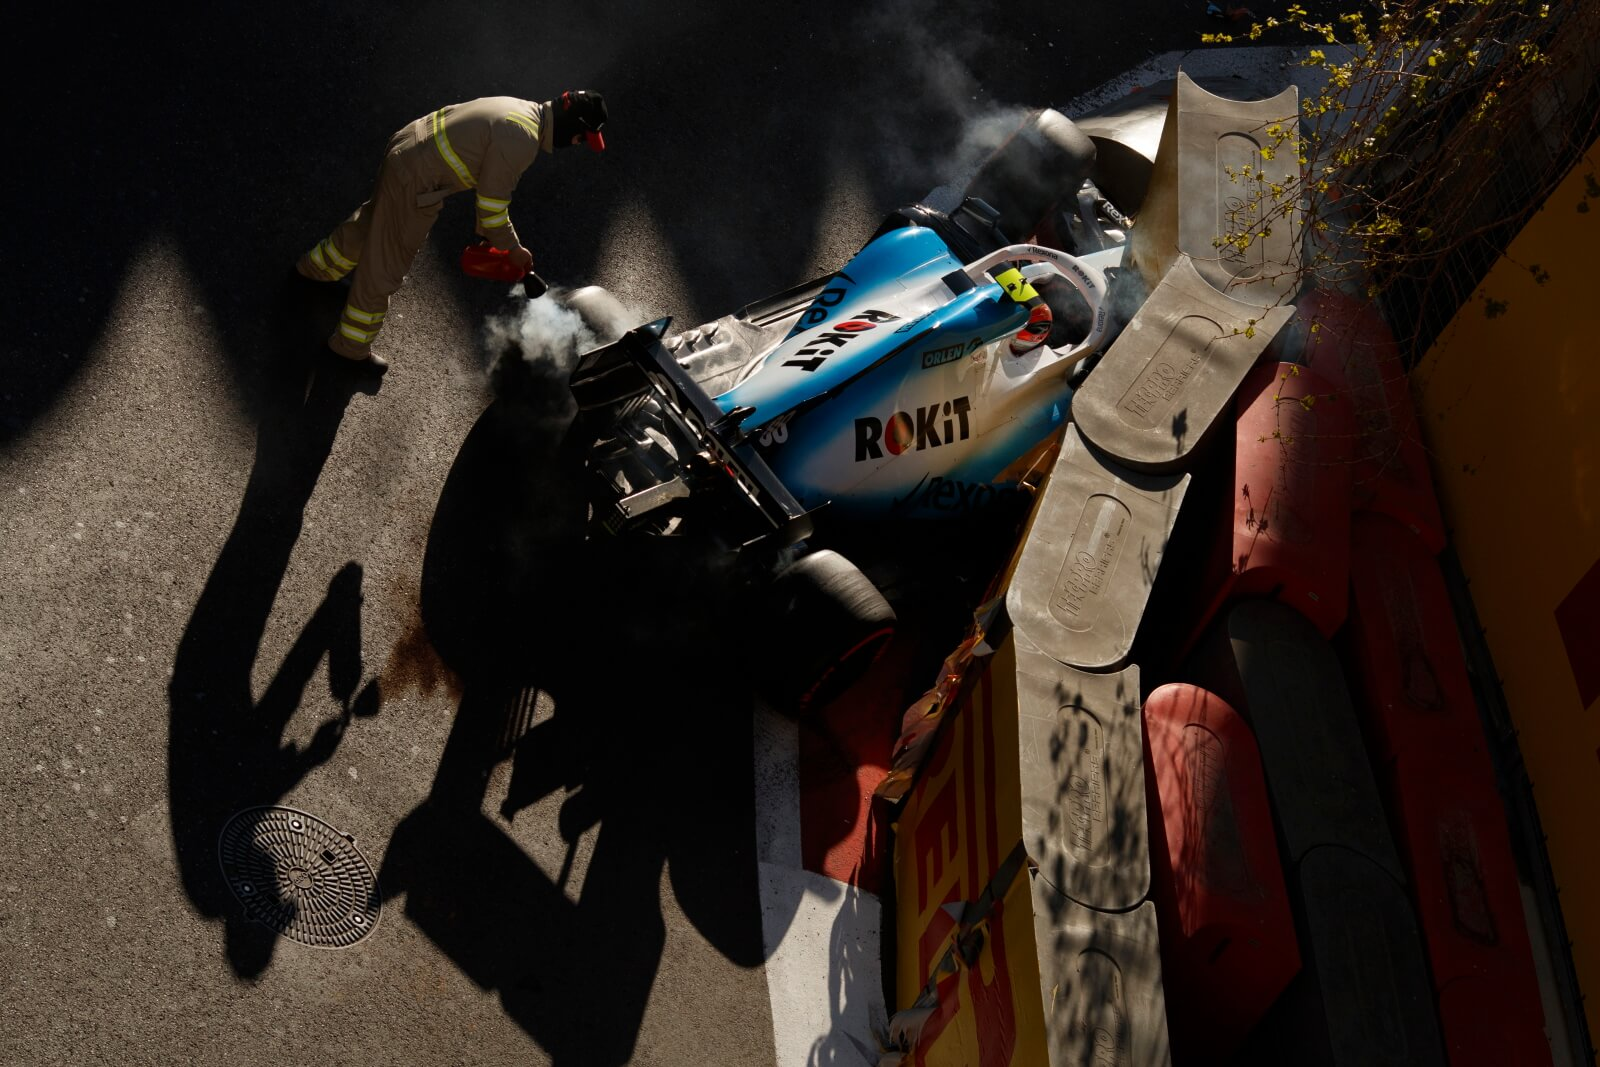 Wypadek Roberta Kubicy podczas sesji kwalifikacyjnej GP Azerbejdżanu fot. EPA/VALDRIN XHEMAJ